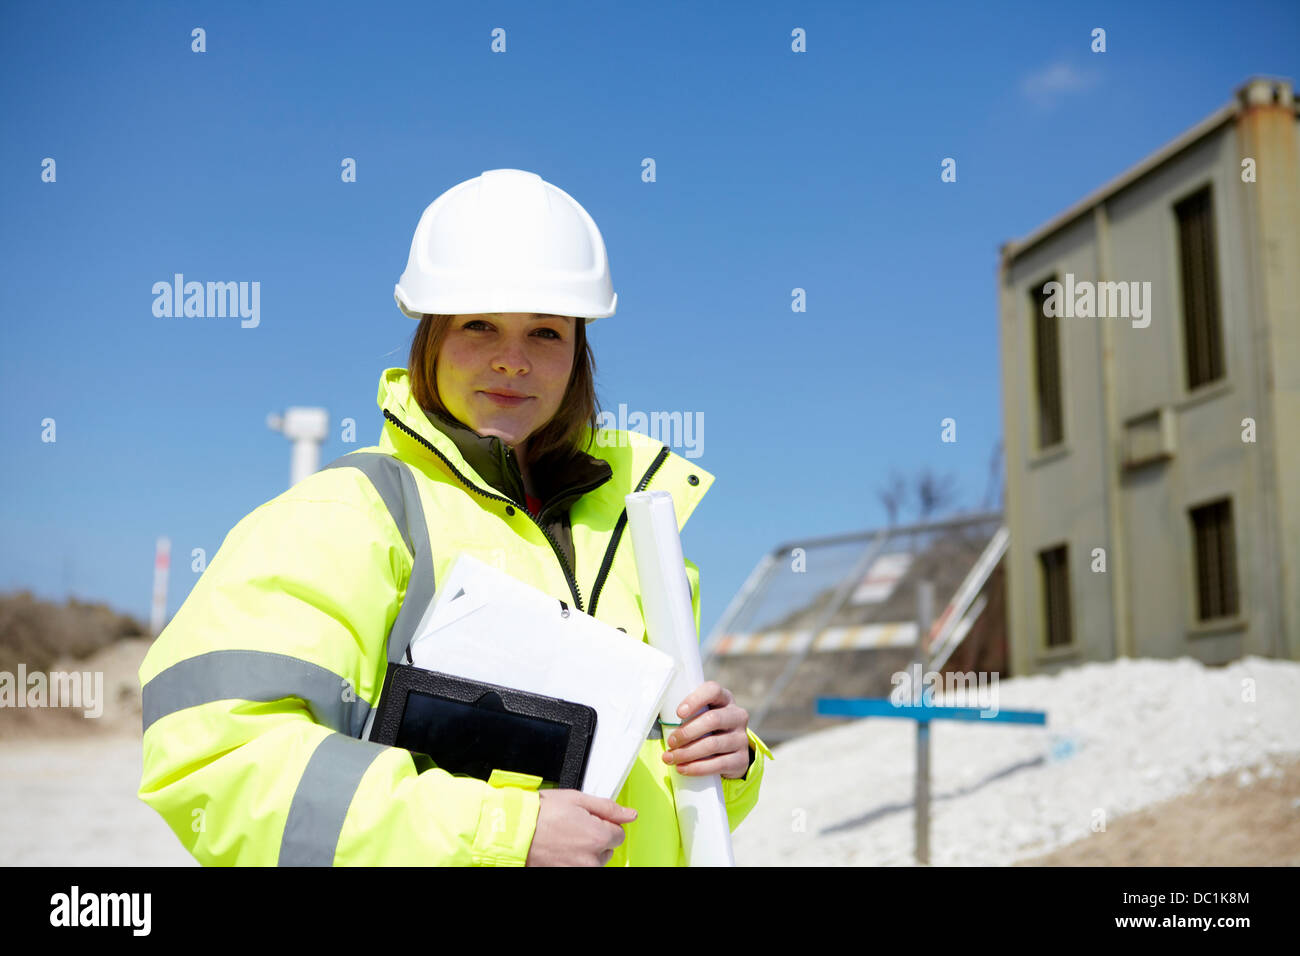 Ritratto di donna con blueprint e tavoletta digitale sul sito in costruzione Immagini Stock